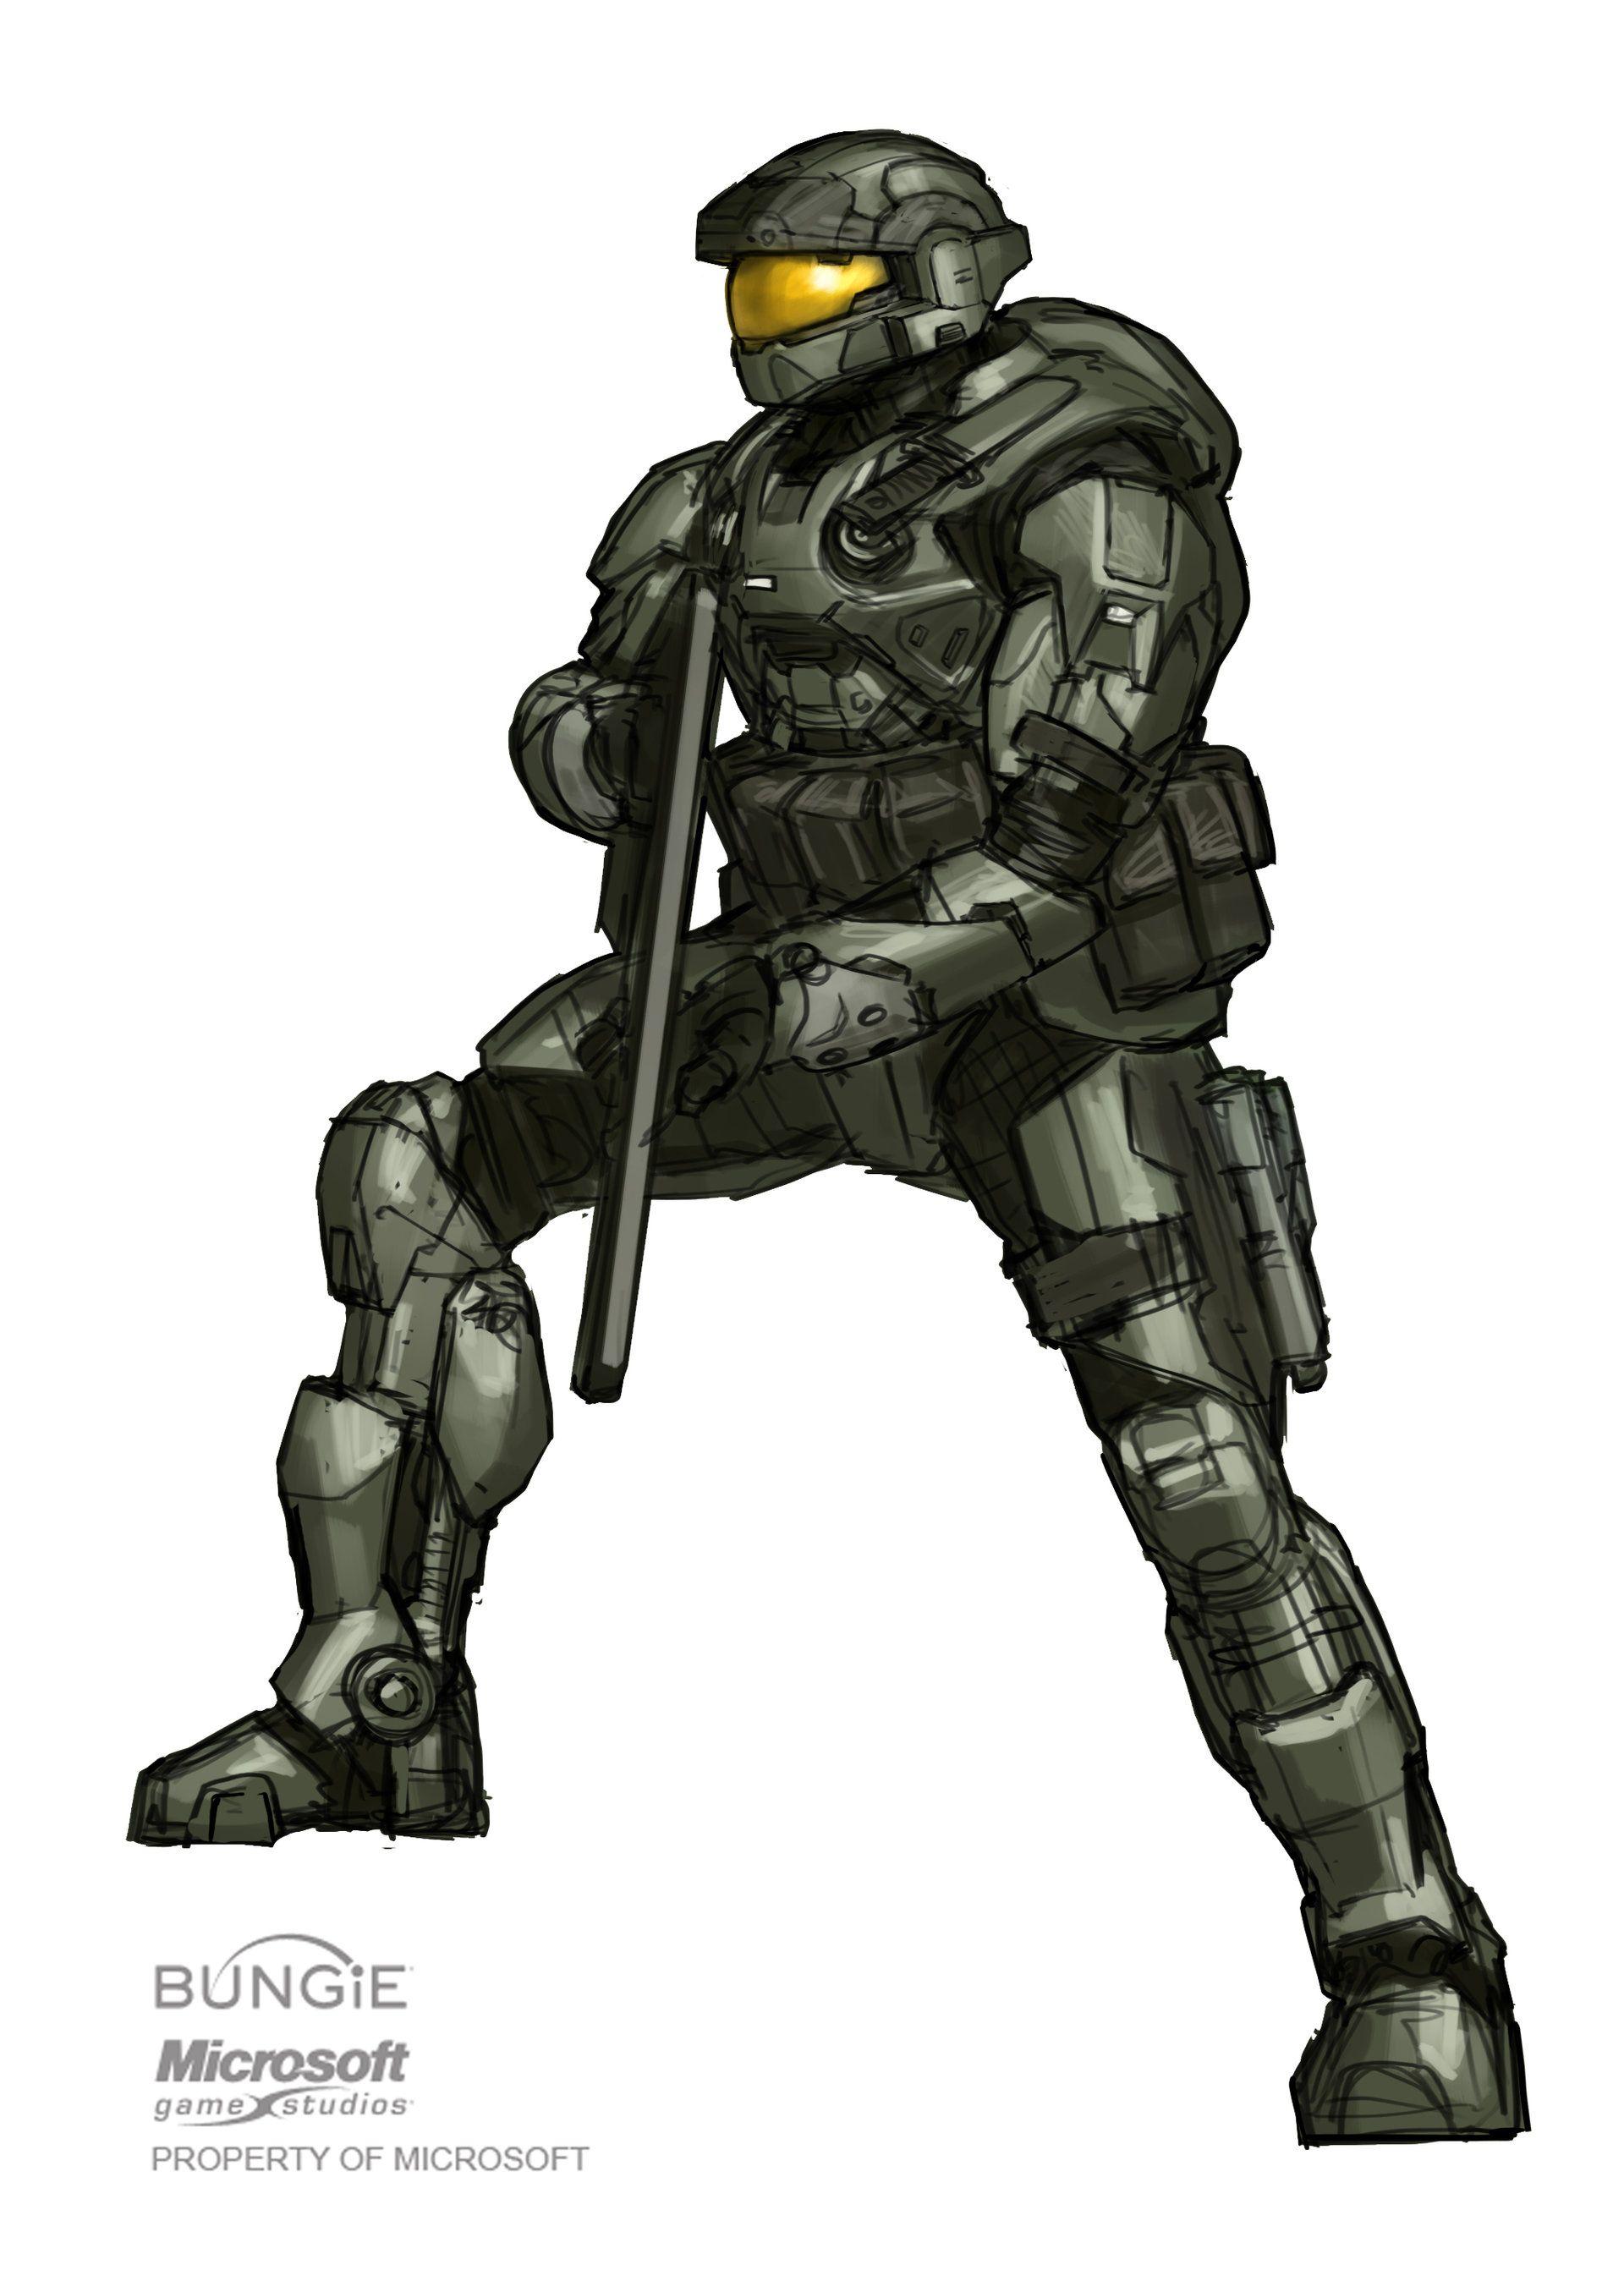 Halo reach spartan halo imagenes halo halo armaduras - Master chief in halo reach ...